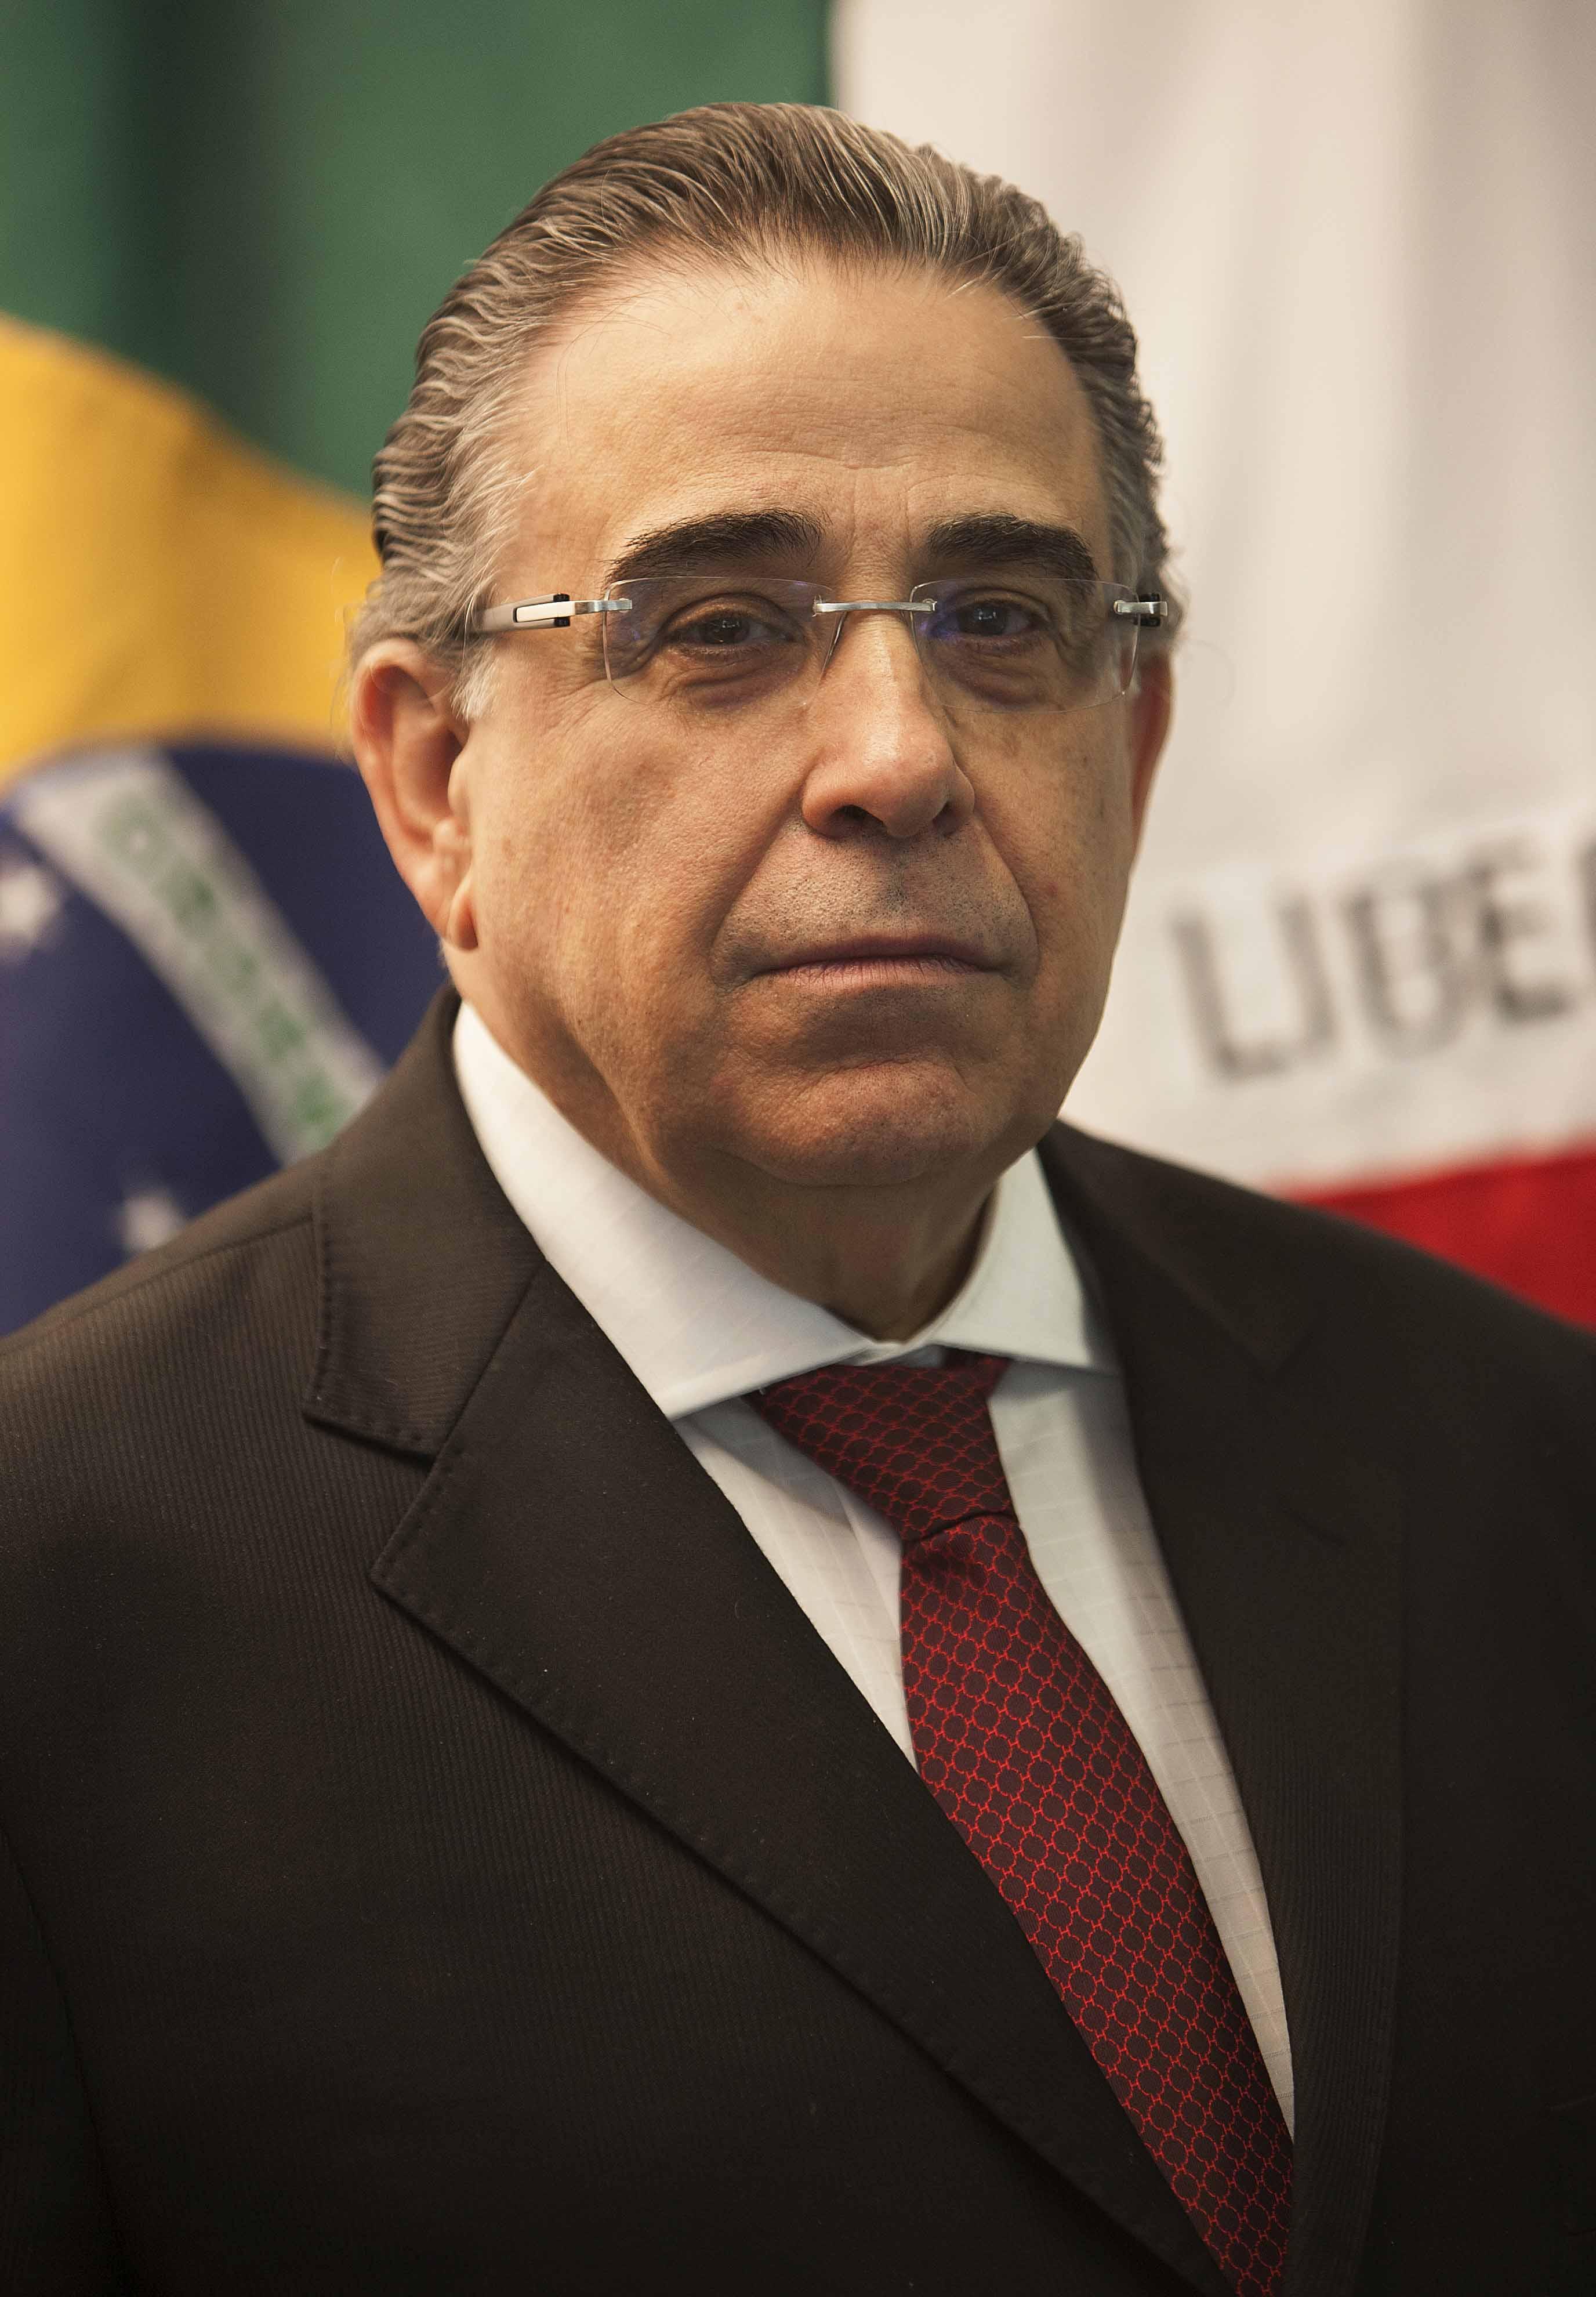 Veja o que saiu no Migalhas sobre Alberto Pinto Coelho Júnior